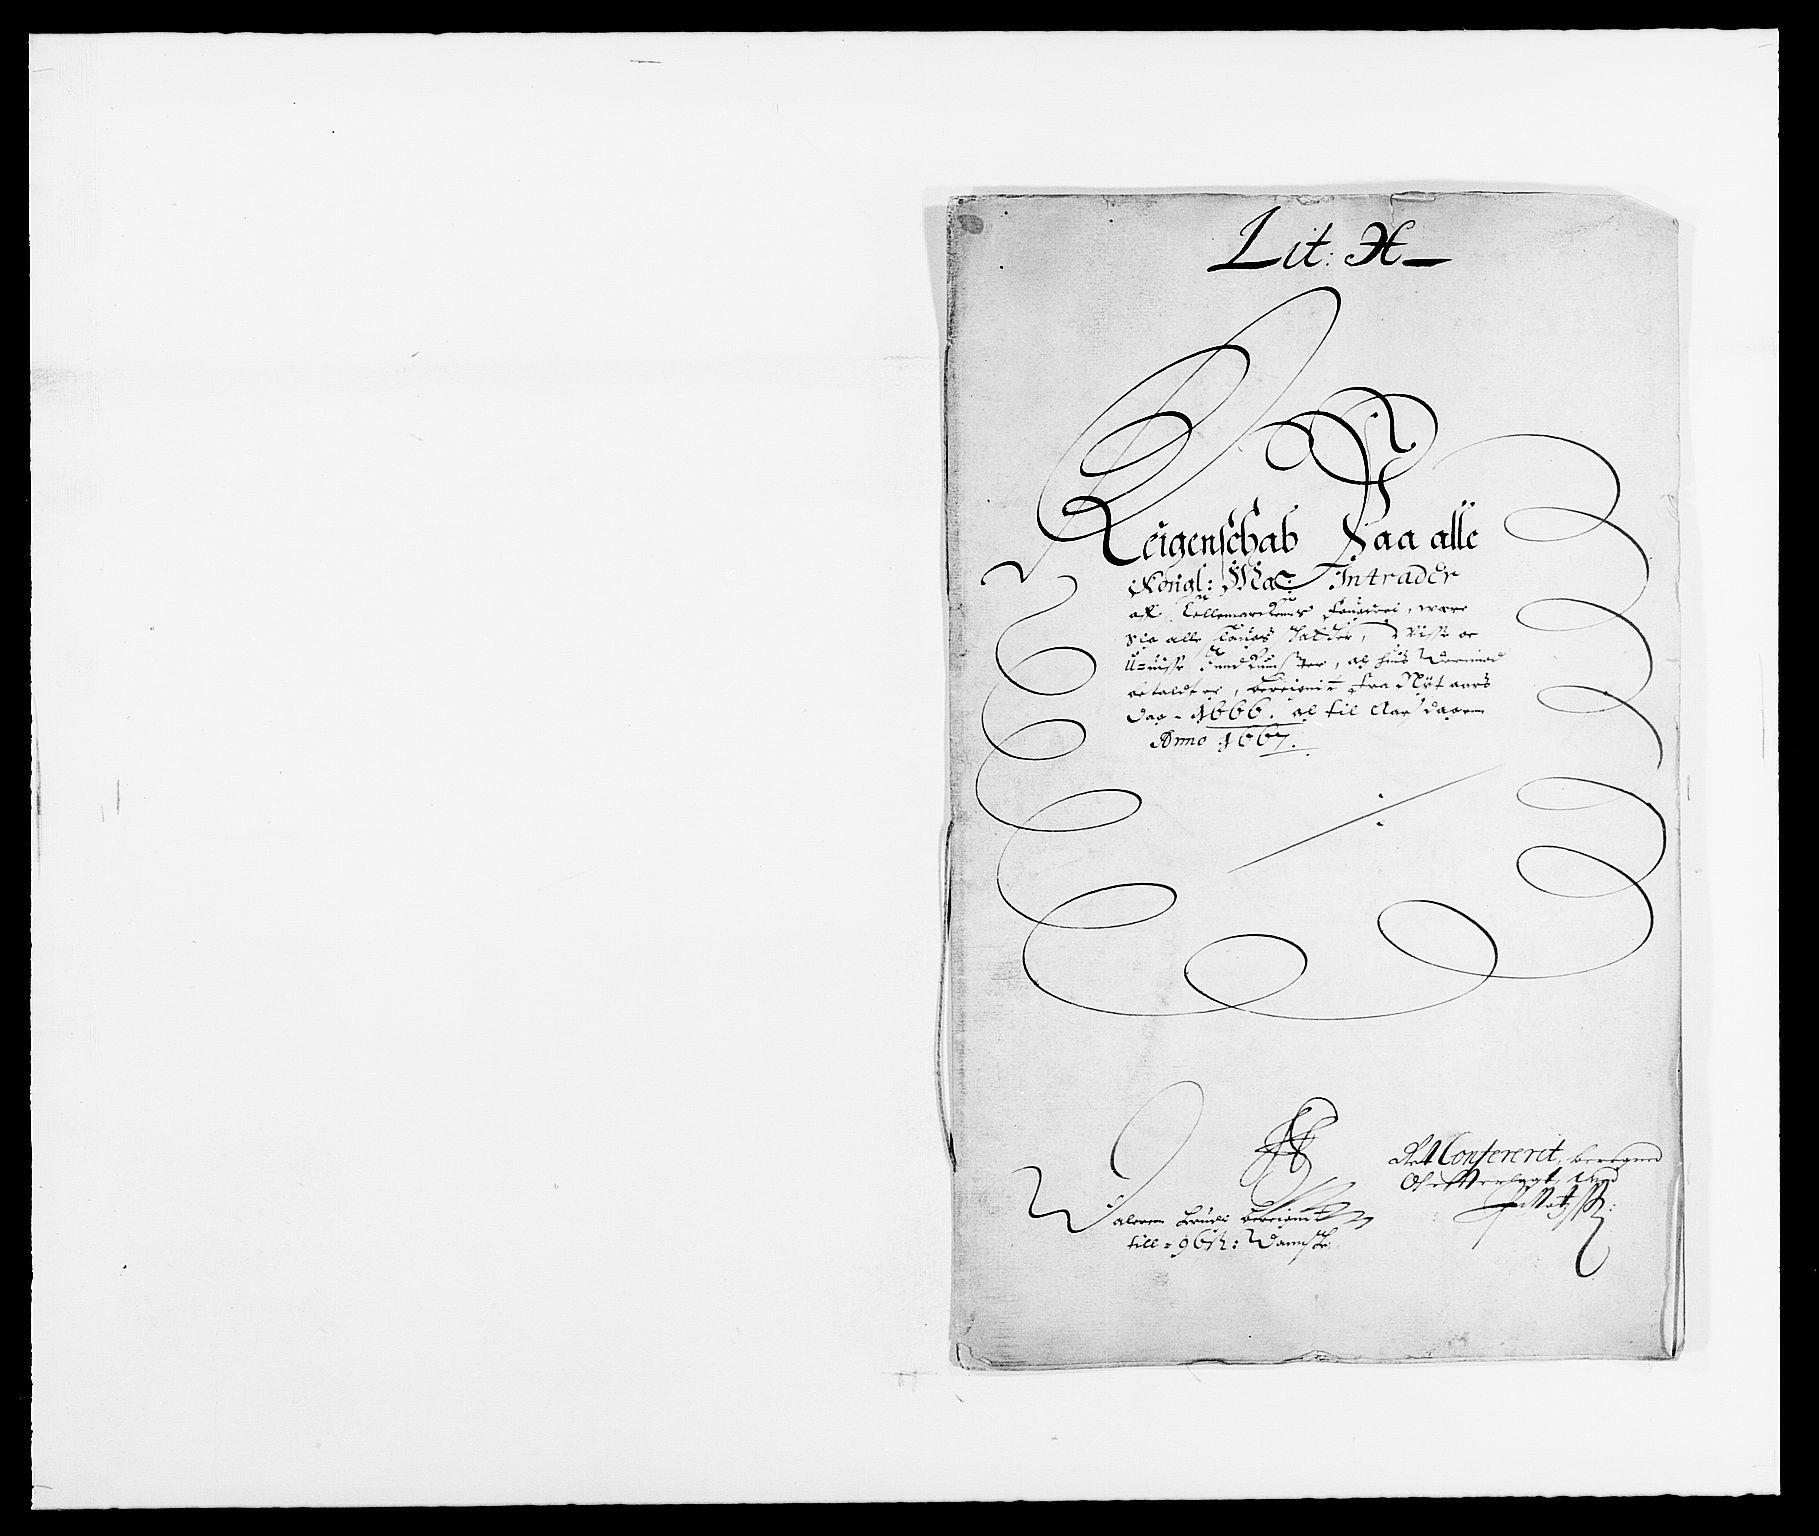 RA, Rentekammeret inntil 1814, Reviderte regnskaper, Fogderegnskap, R35/L2057: Fogderegnskap Øvre og Nedre Telemark, 1666-1667, s. 1